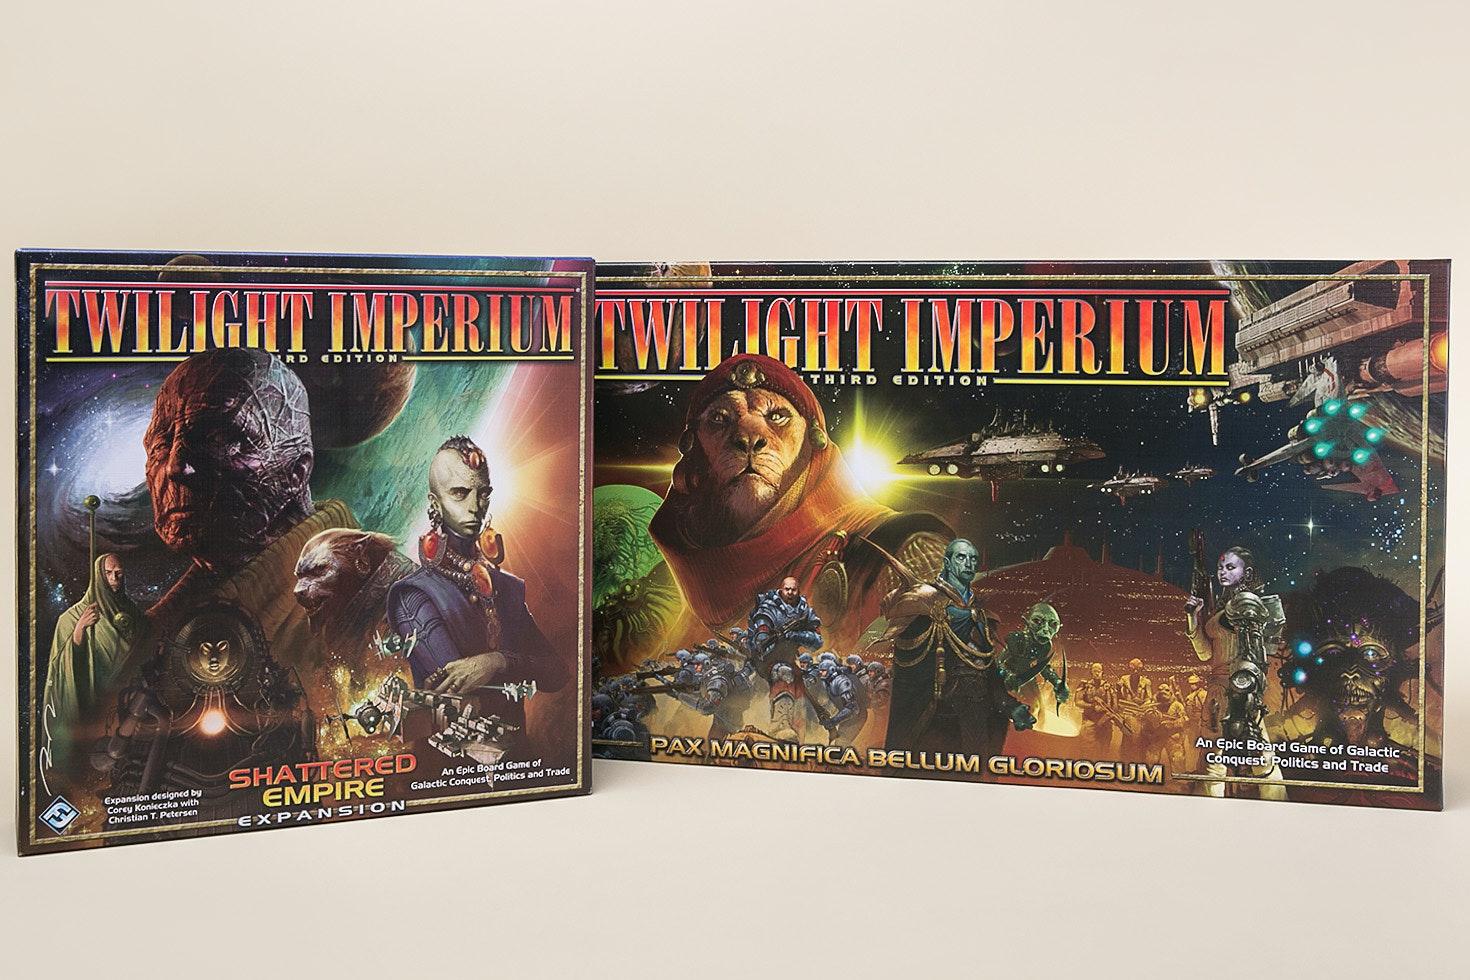 Twilight imperium Bundle